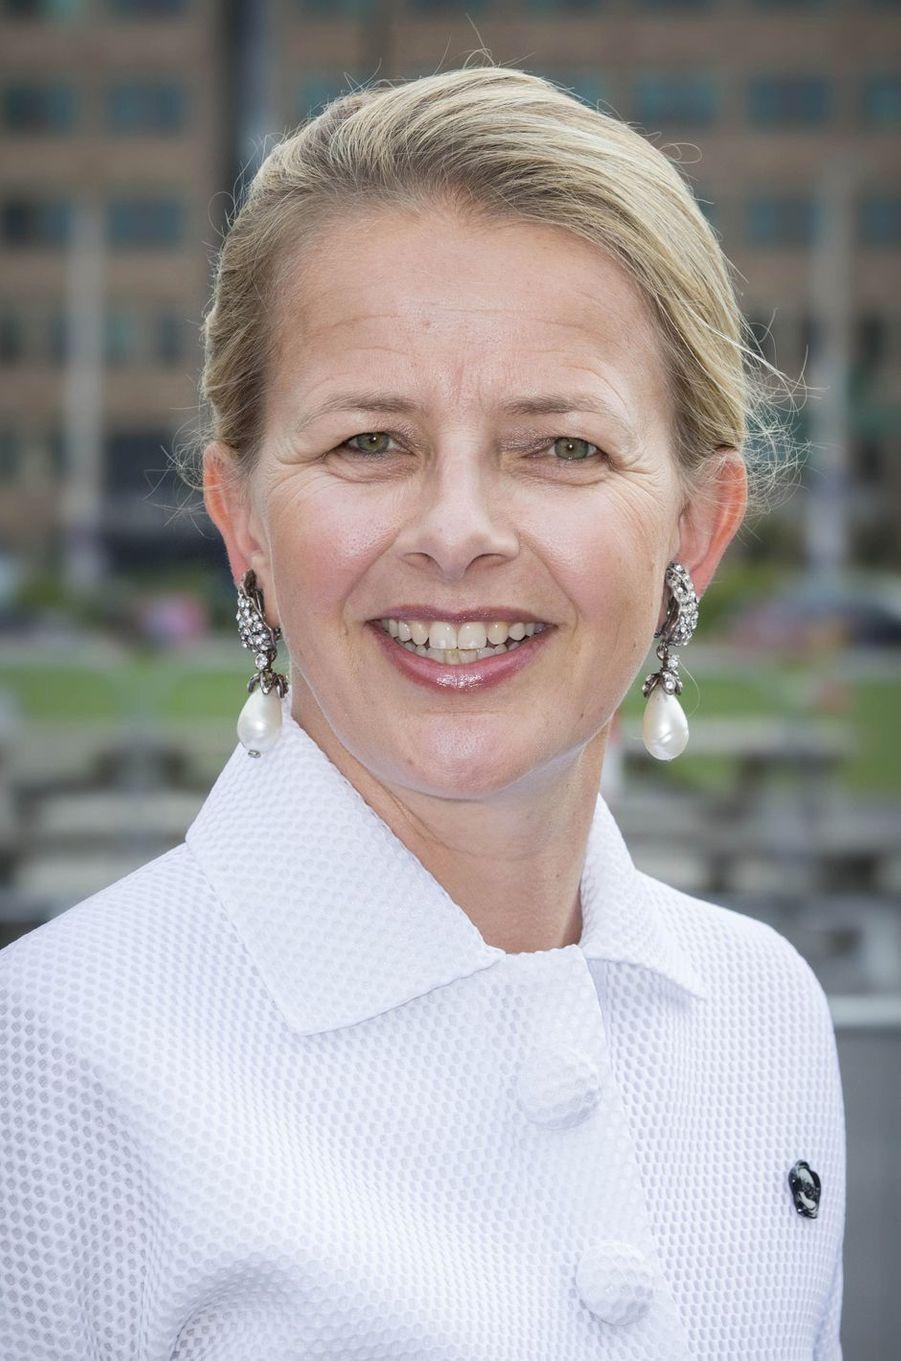 La princesse Mabel des Pays-Bas à Amsterdam, le 4 juin 2016